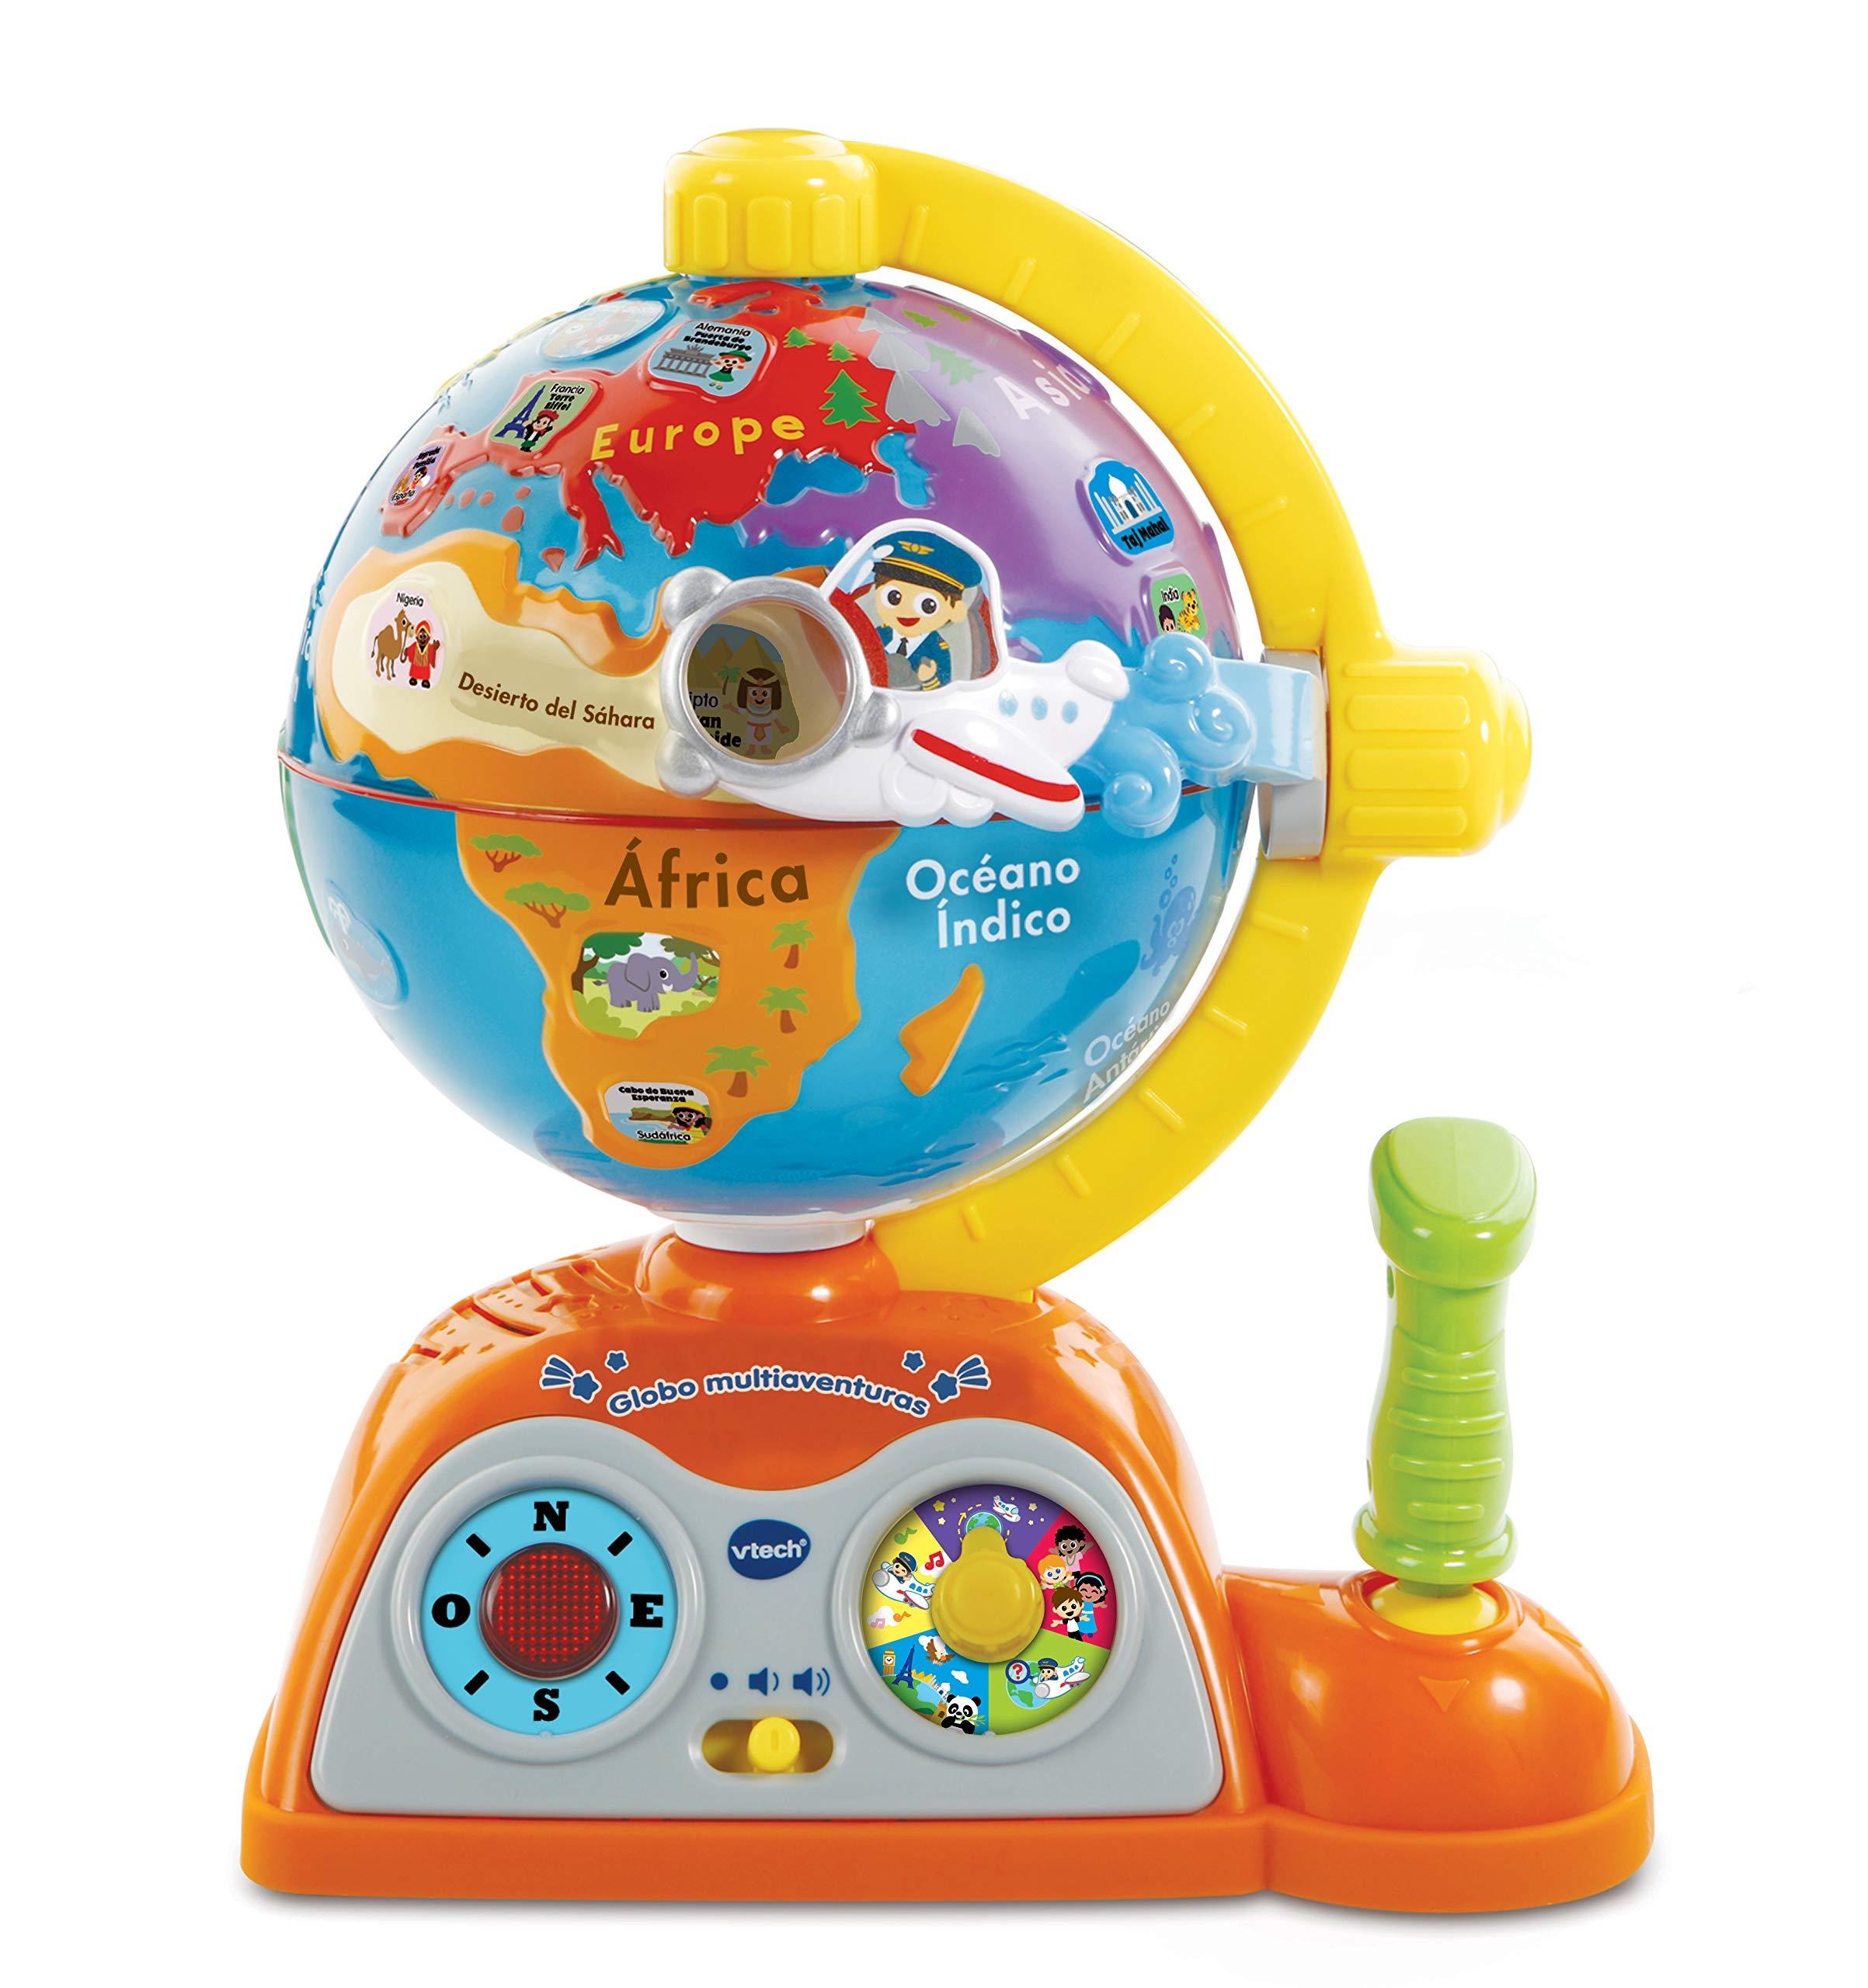 VTech – Globo multiaventuras, infantil interactivo que enseña geografía, continentes, océanos y monumentos, idiomas…